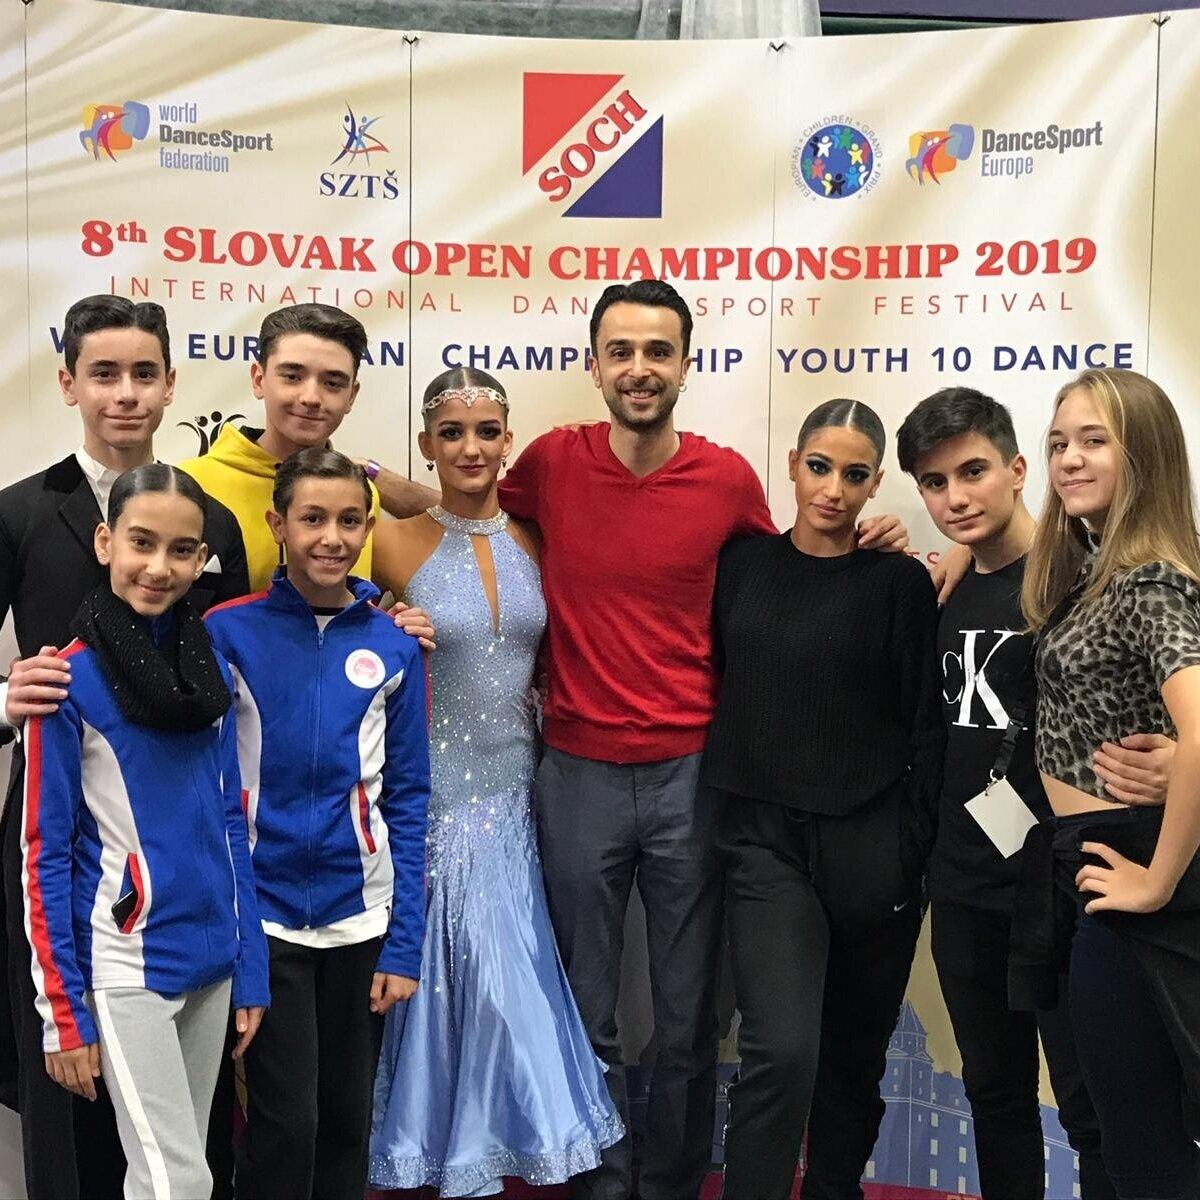 WDSF Slovak Open, 21-22 Eylül